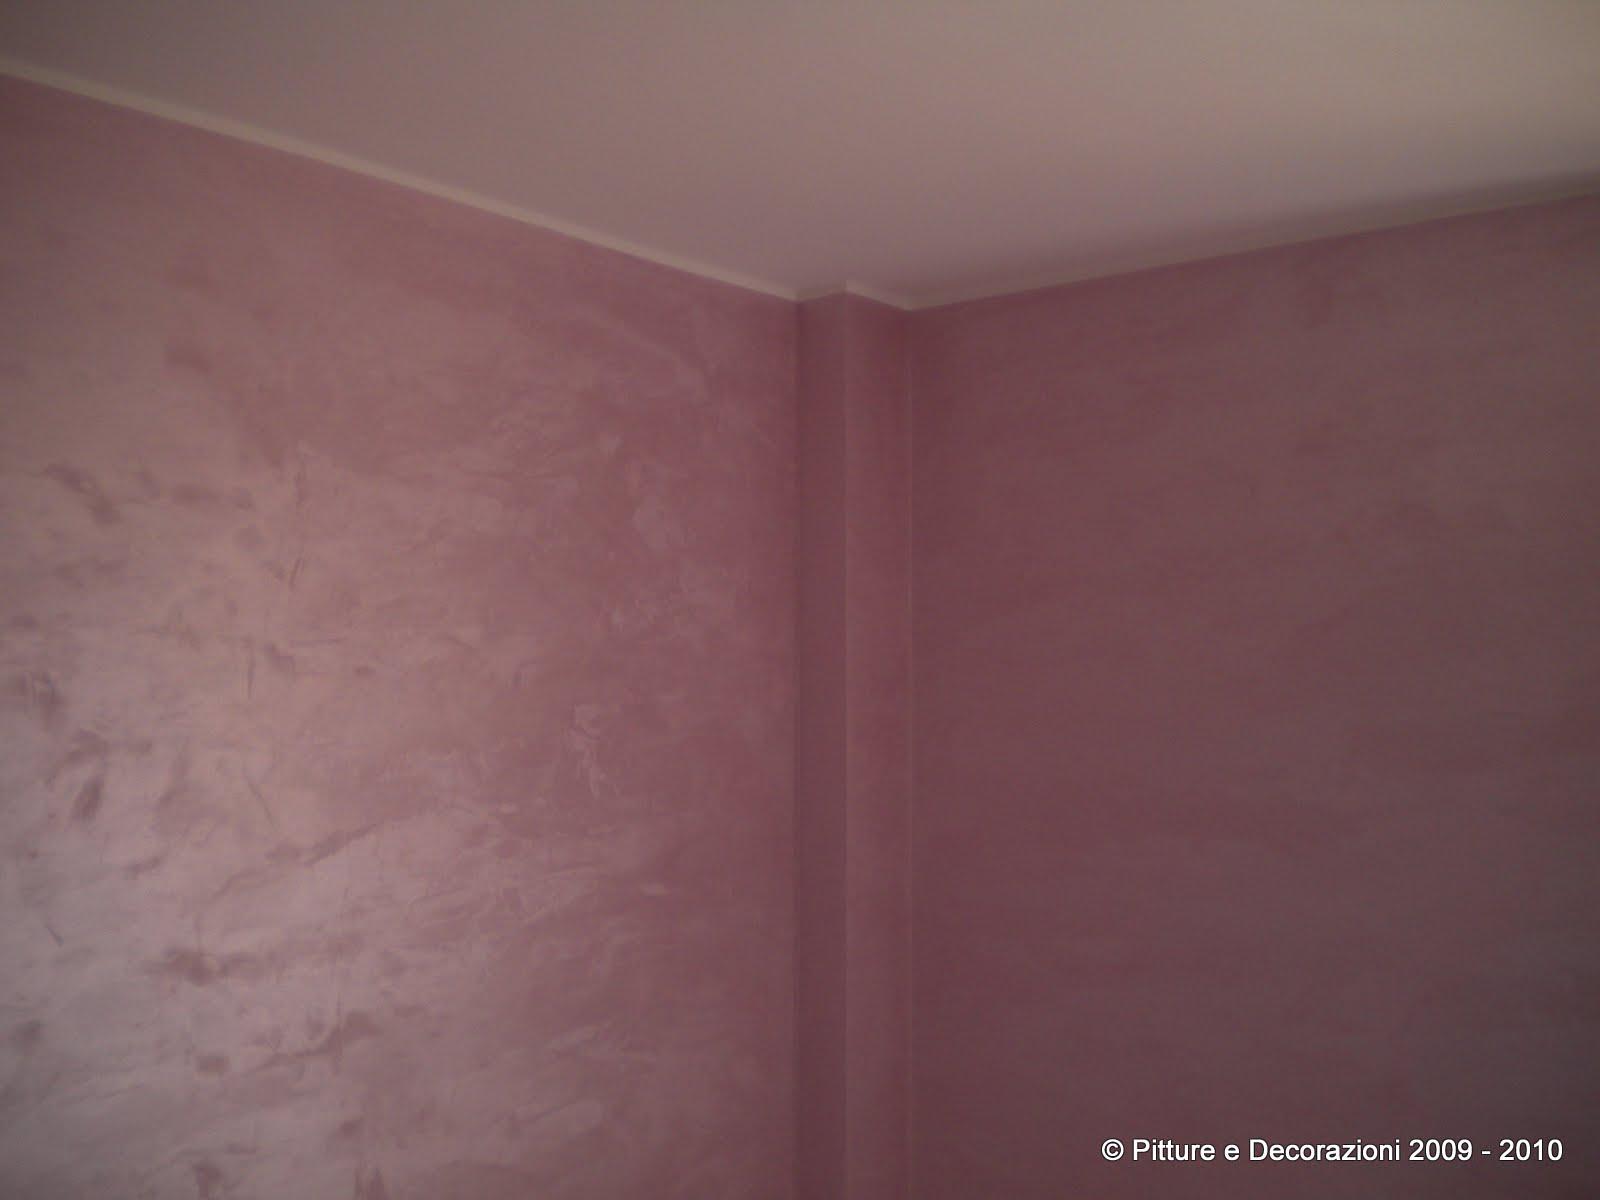 Pitture decorazioni decorazione con oikos ottocento - Tinte camere da letto ...